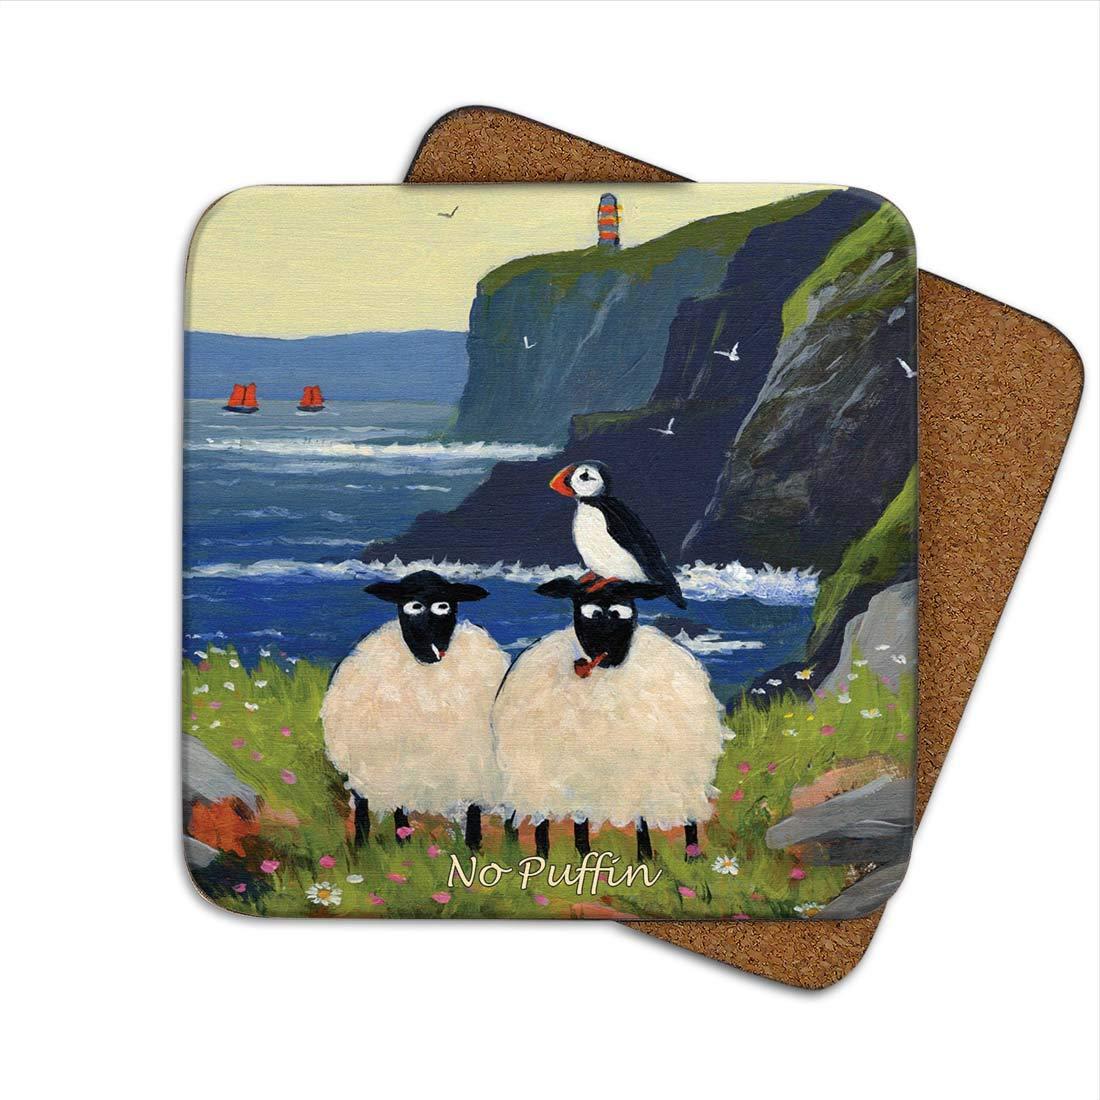 No Puffinコースターby Thomas Joseph – Funny Sheep by Thomas Joseph   B01BVJ7TDY